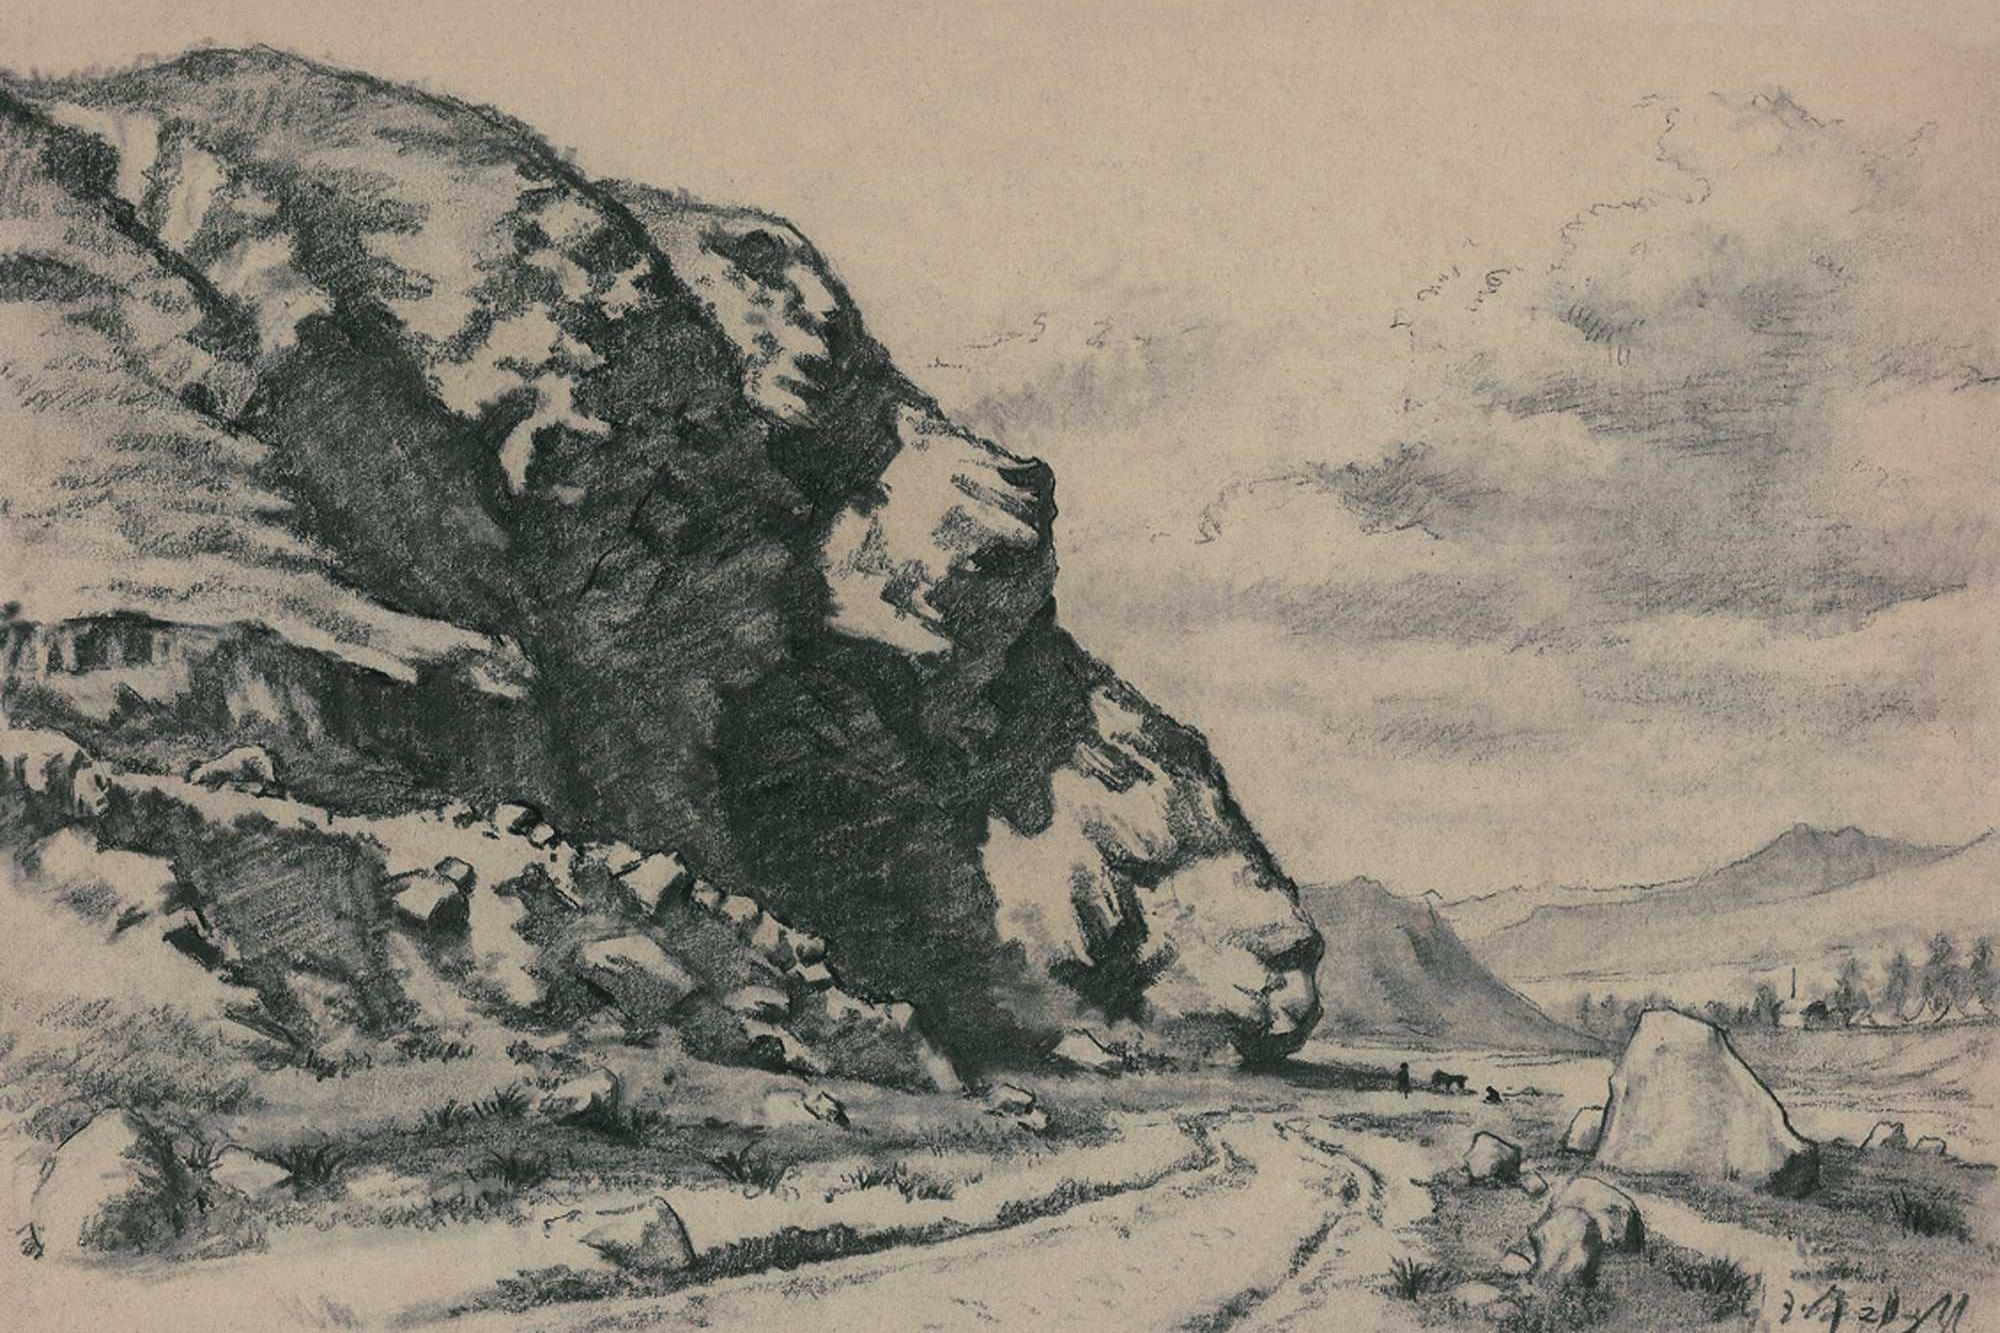 50年代靳尚谊在兰新铁路乌鞘岭工地上的速写